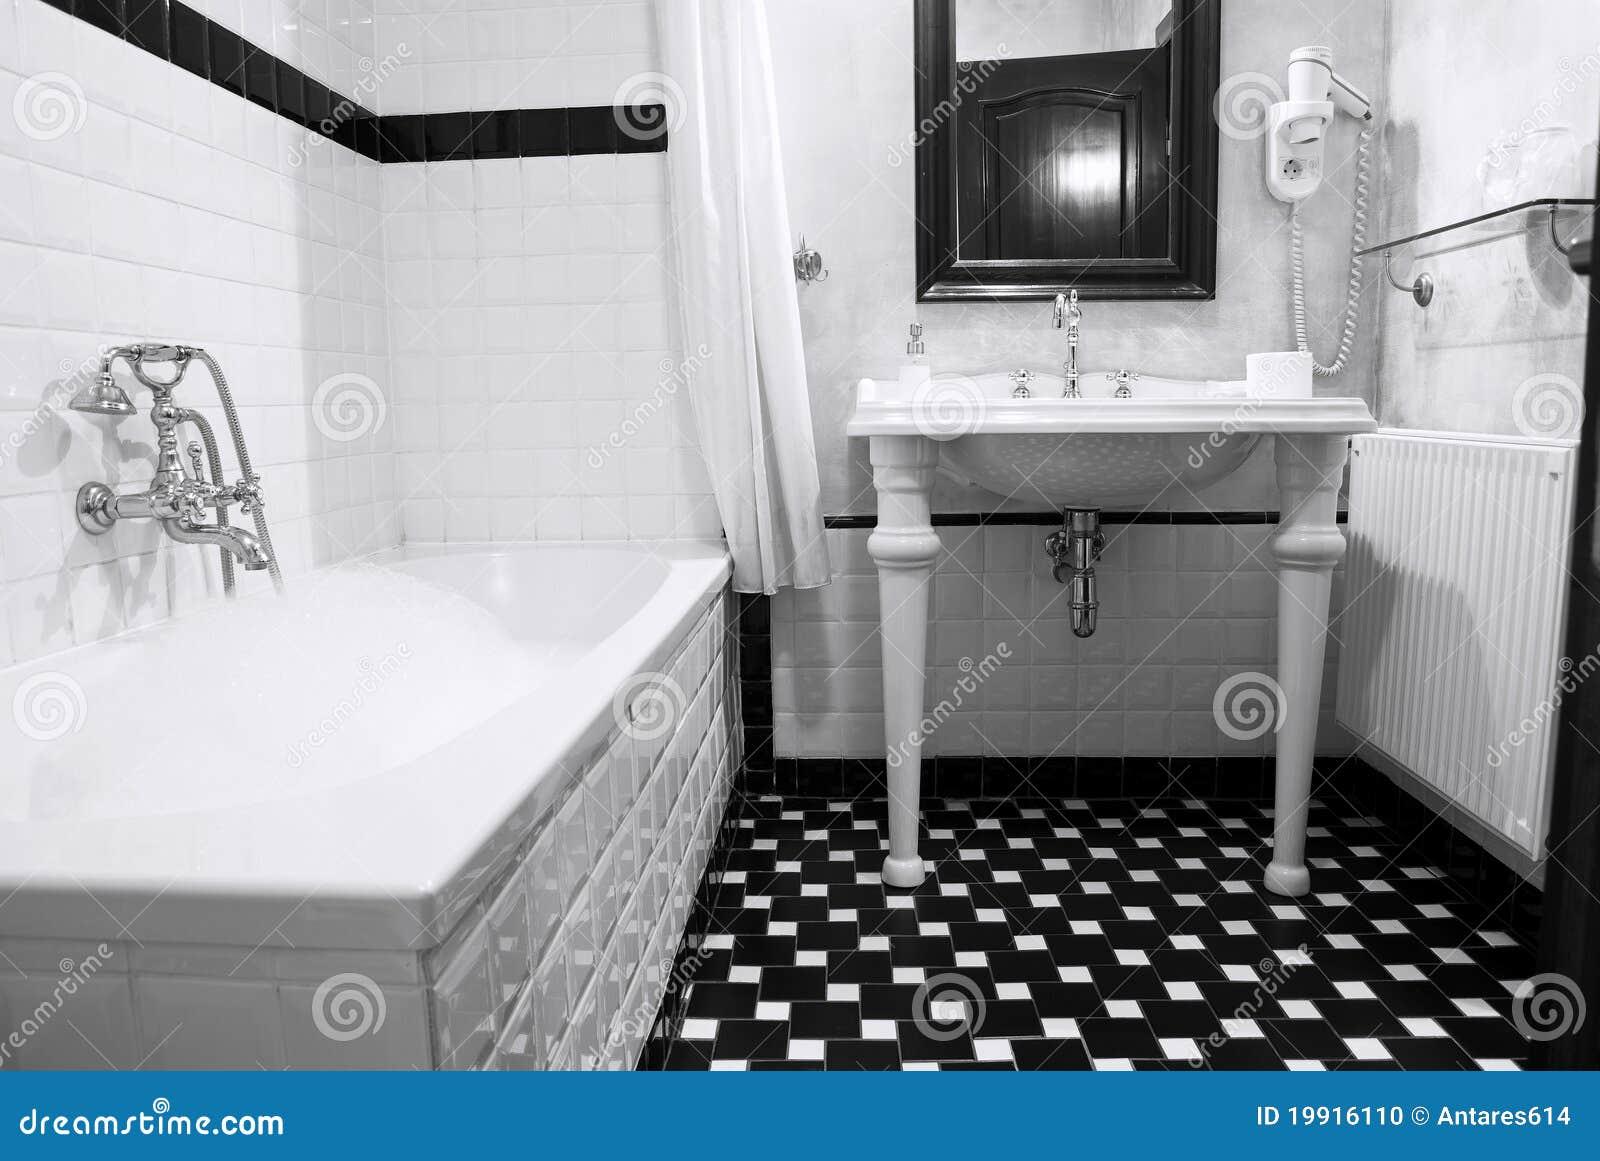 Stanza da bagno fotografia stock immagine di bagno decorazione 19916110 - Bagno in inglese ...